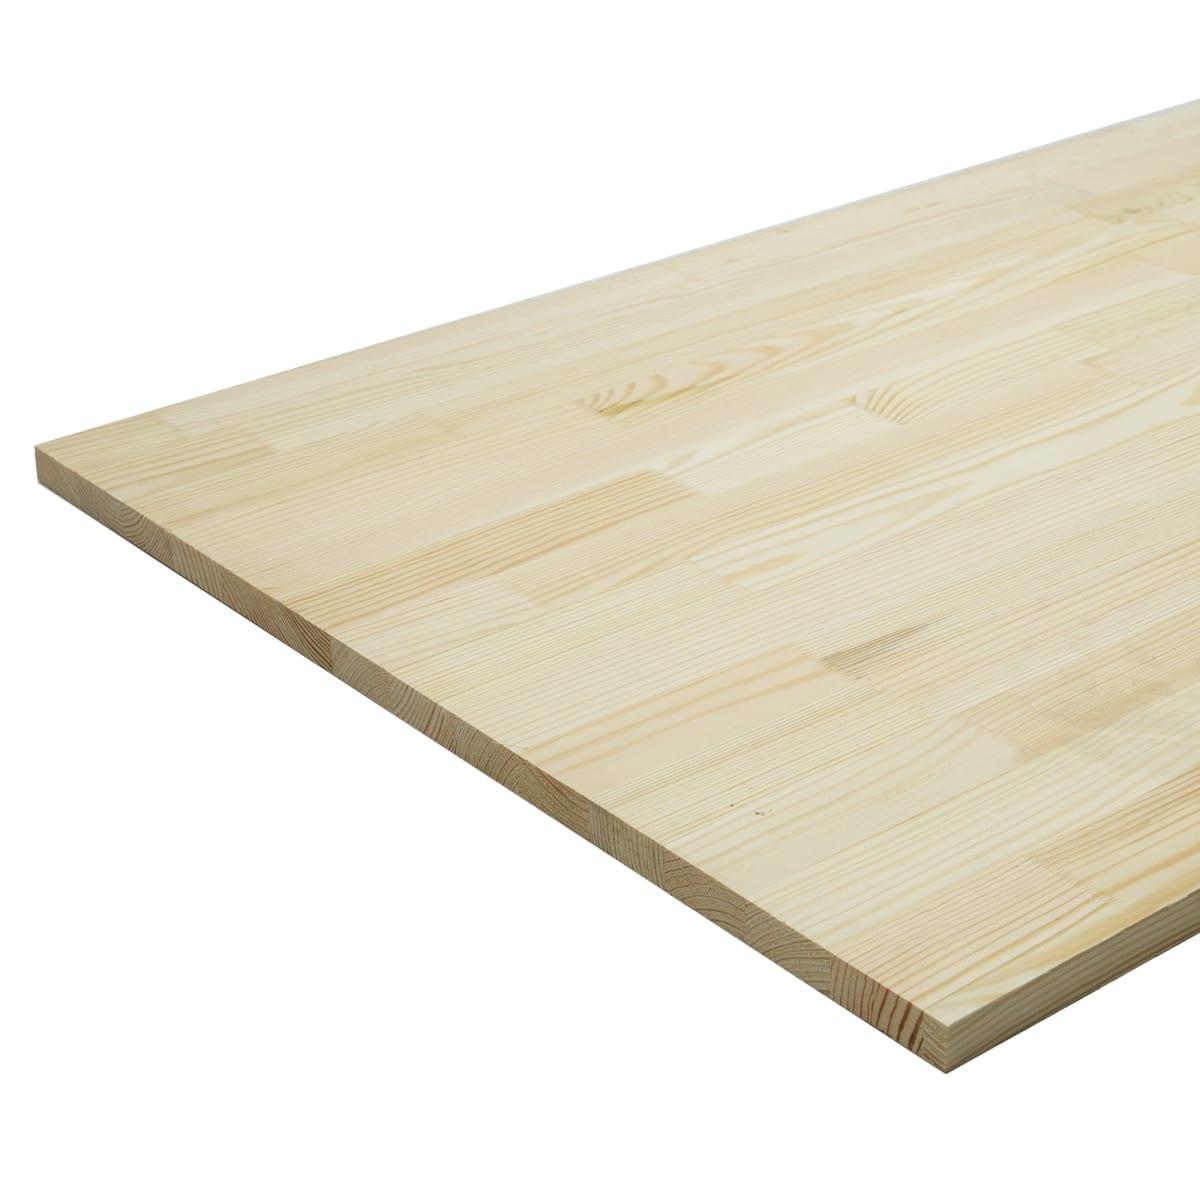 Мебельный щит 2000х600х18 мм сосна, сорт Экстра